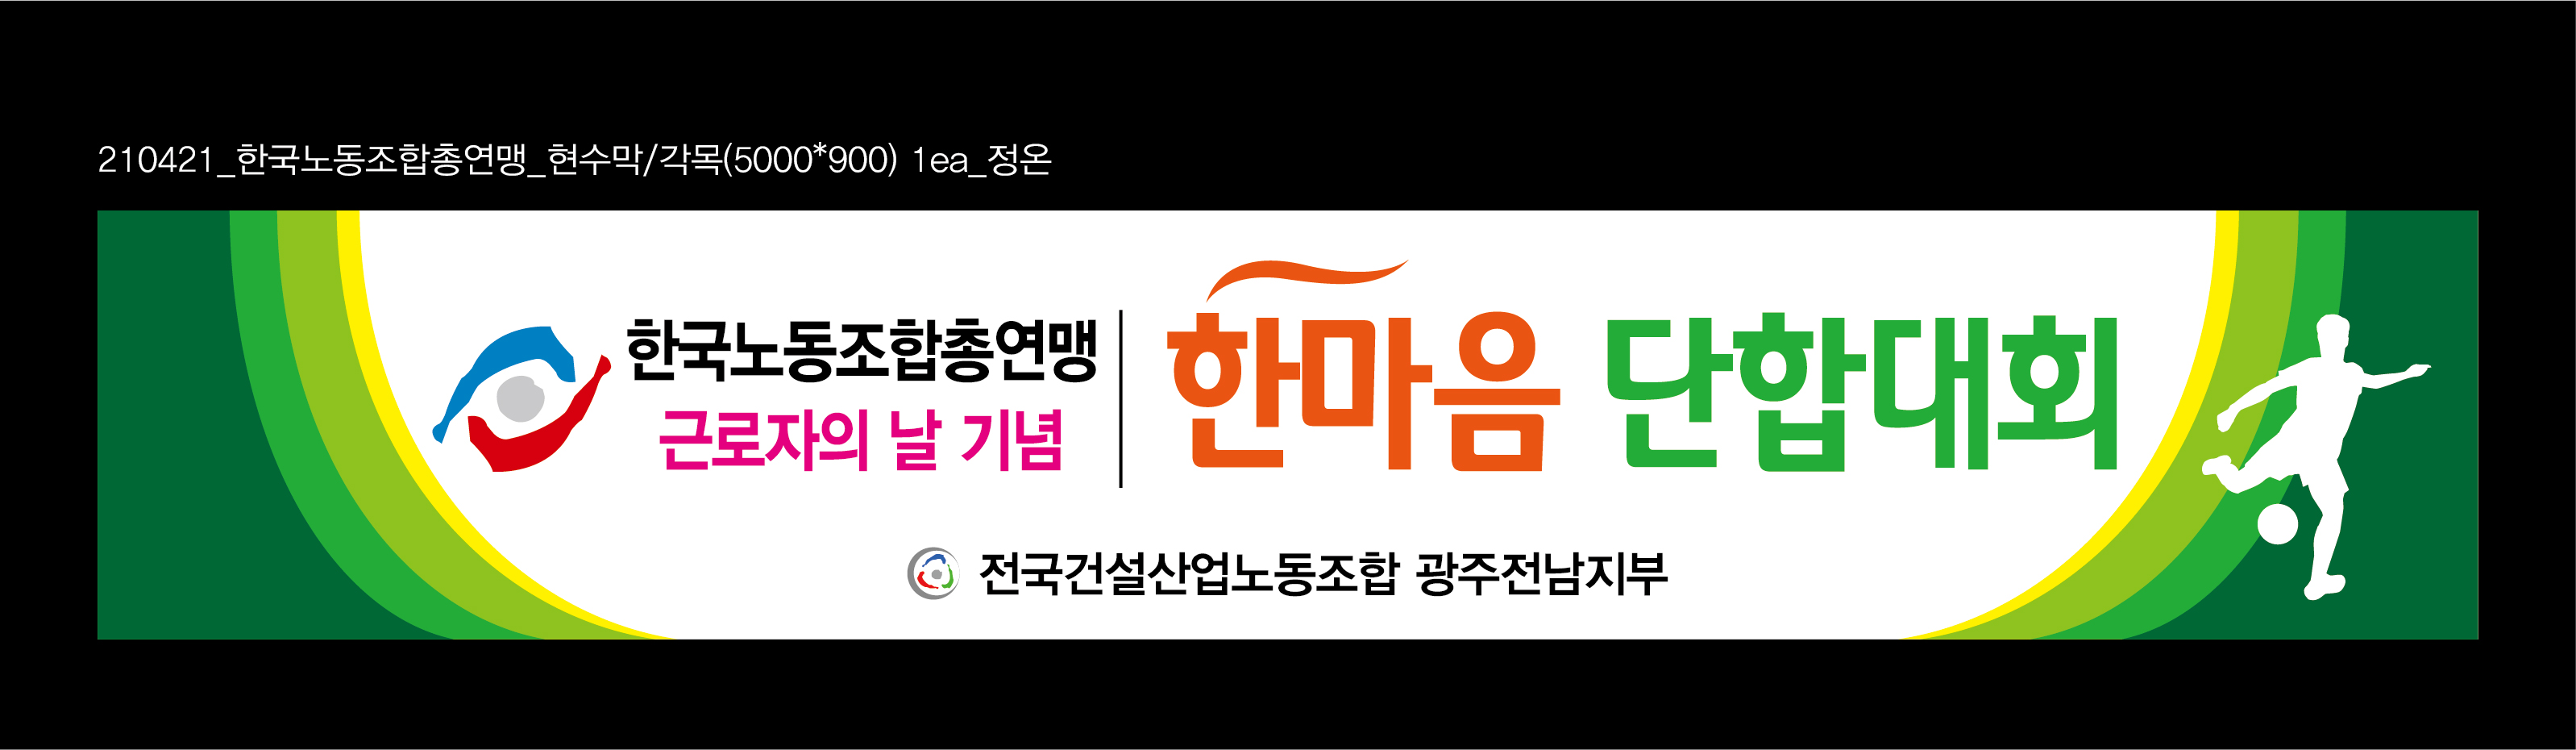 210421_한국노총_현수막(근로자의날)